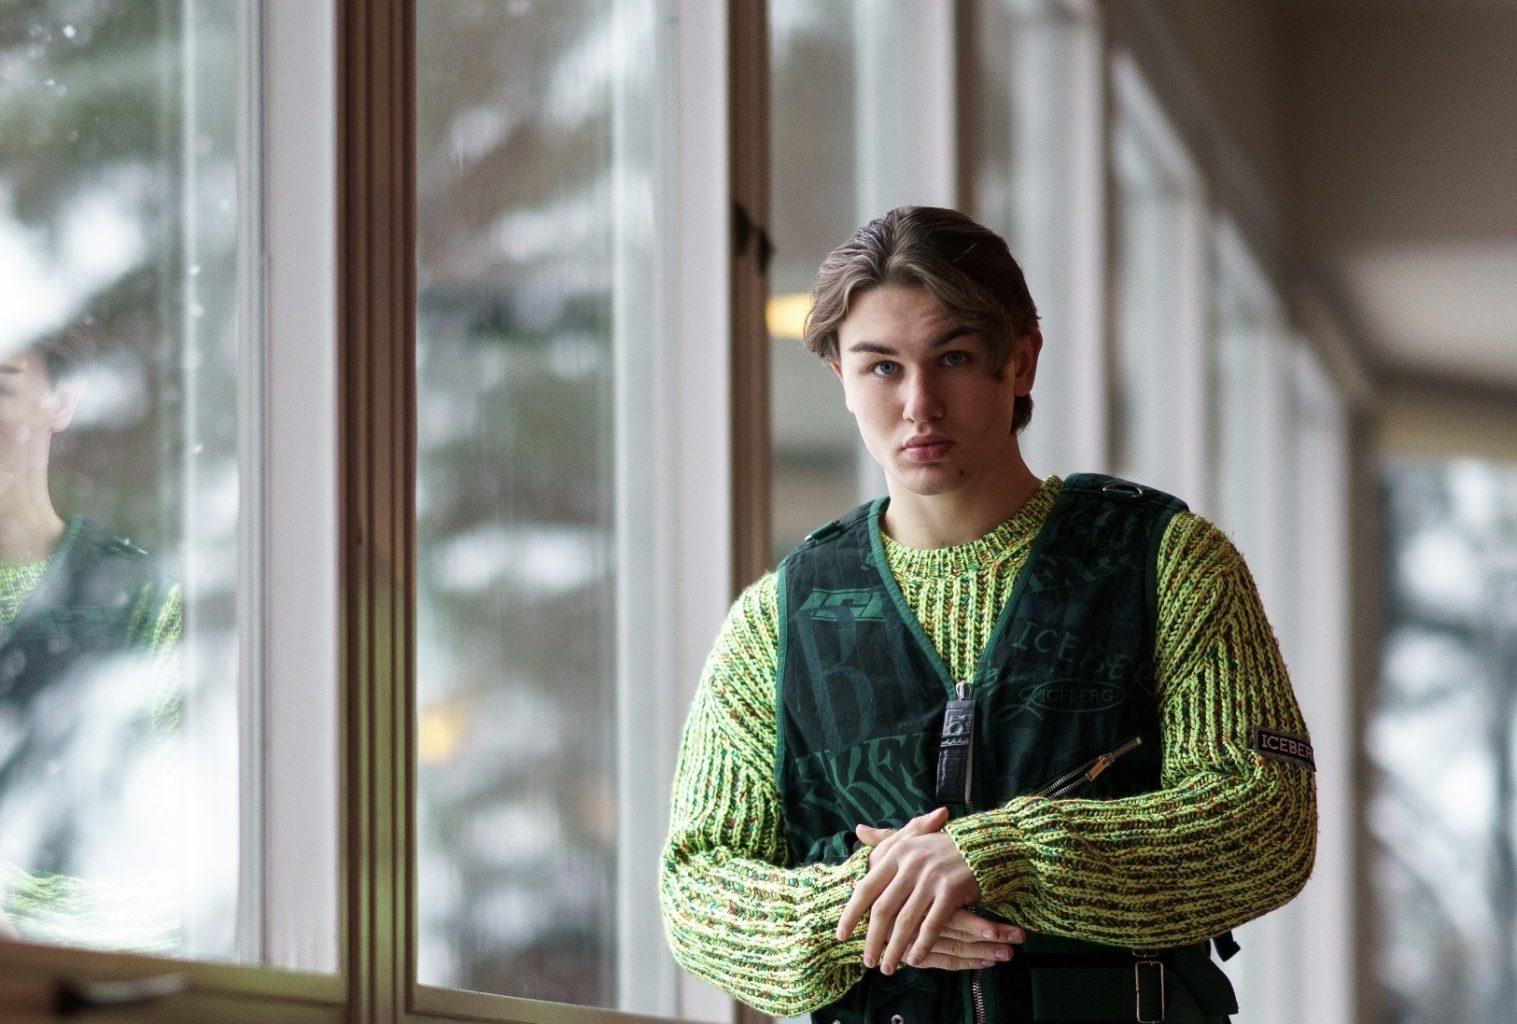 Знакомьтесь: Артем Ткачук – новая звезда мирового кино